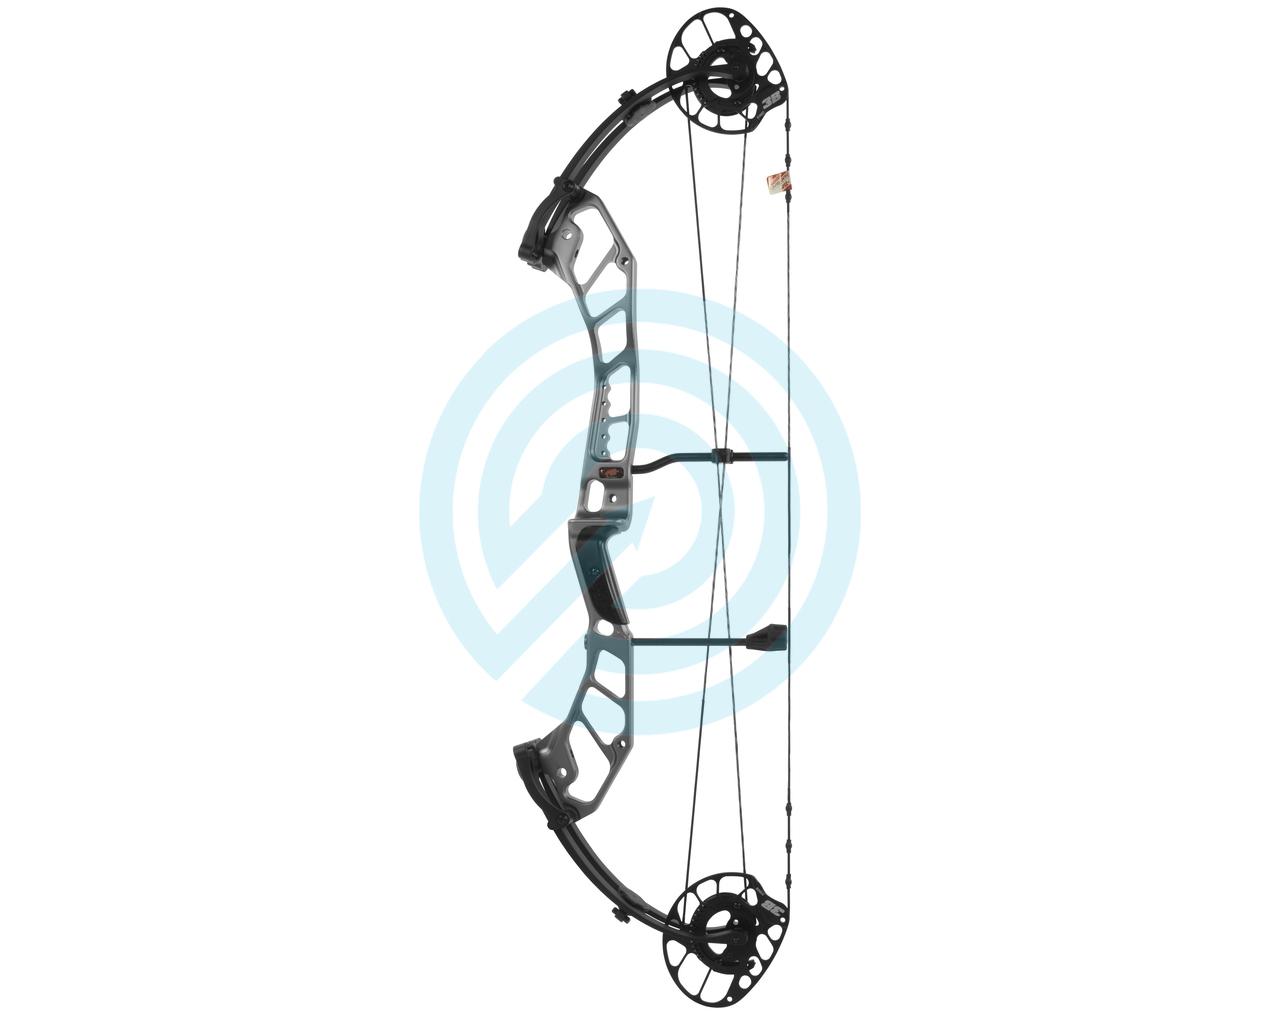 PSE Compound Bow Centrix LD 2020   117059-1000   JVD Archery